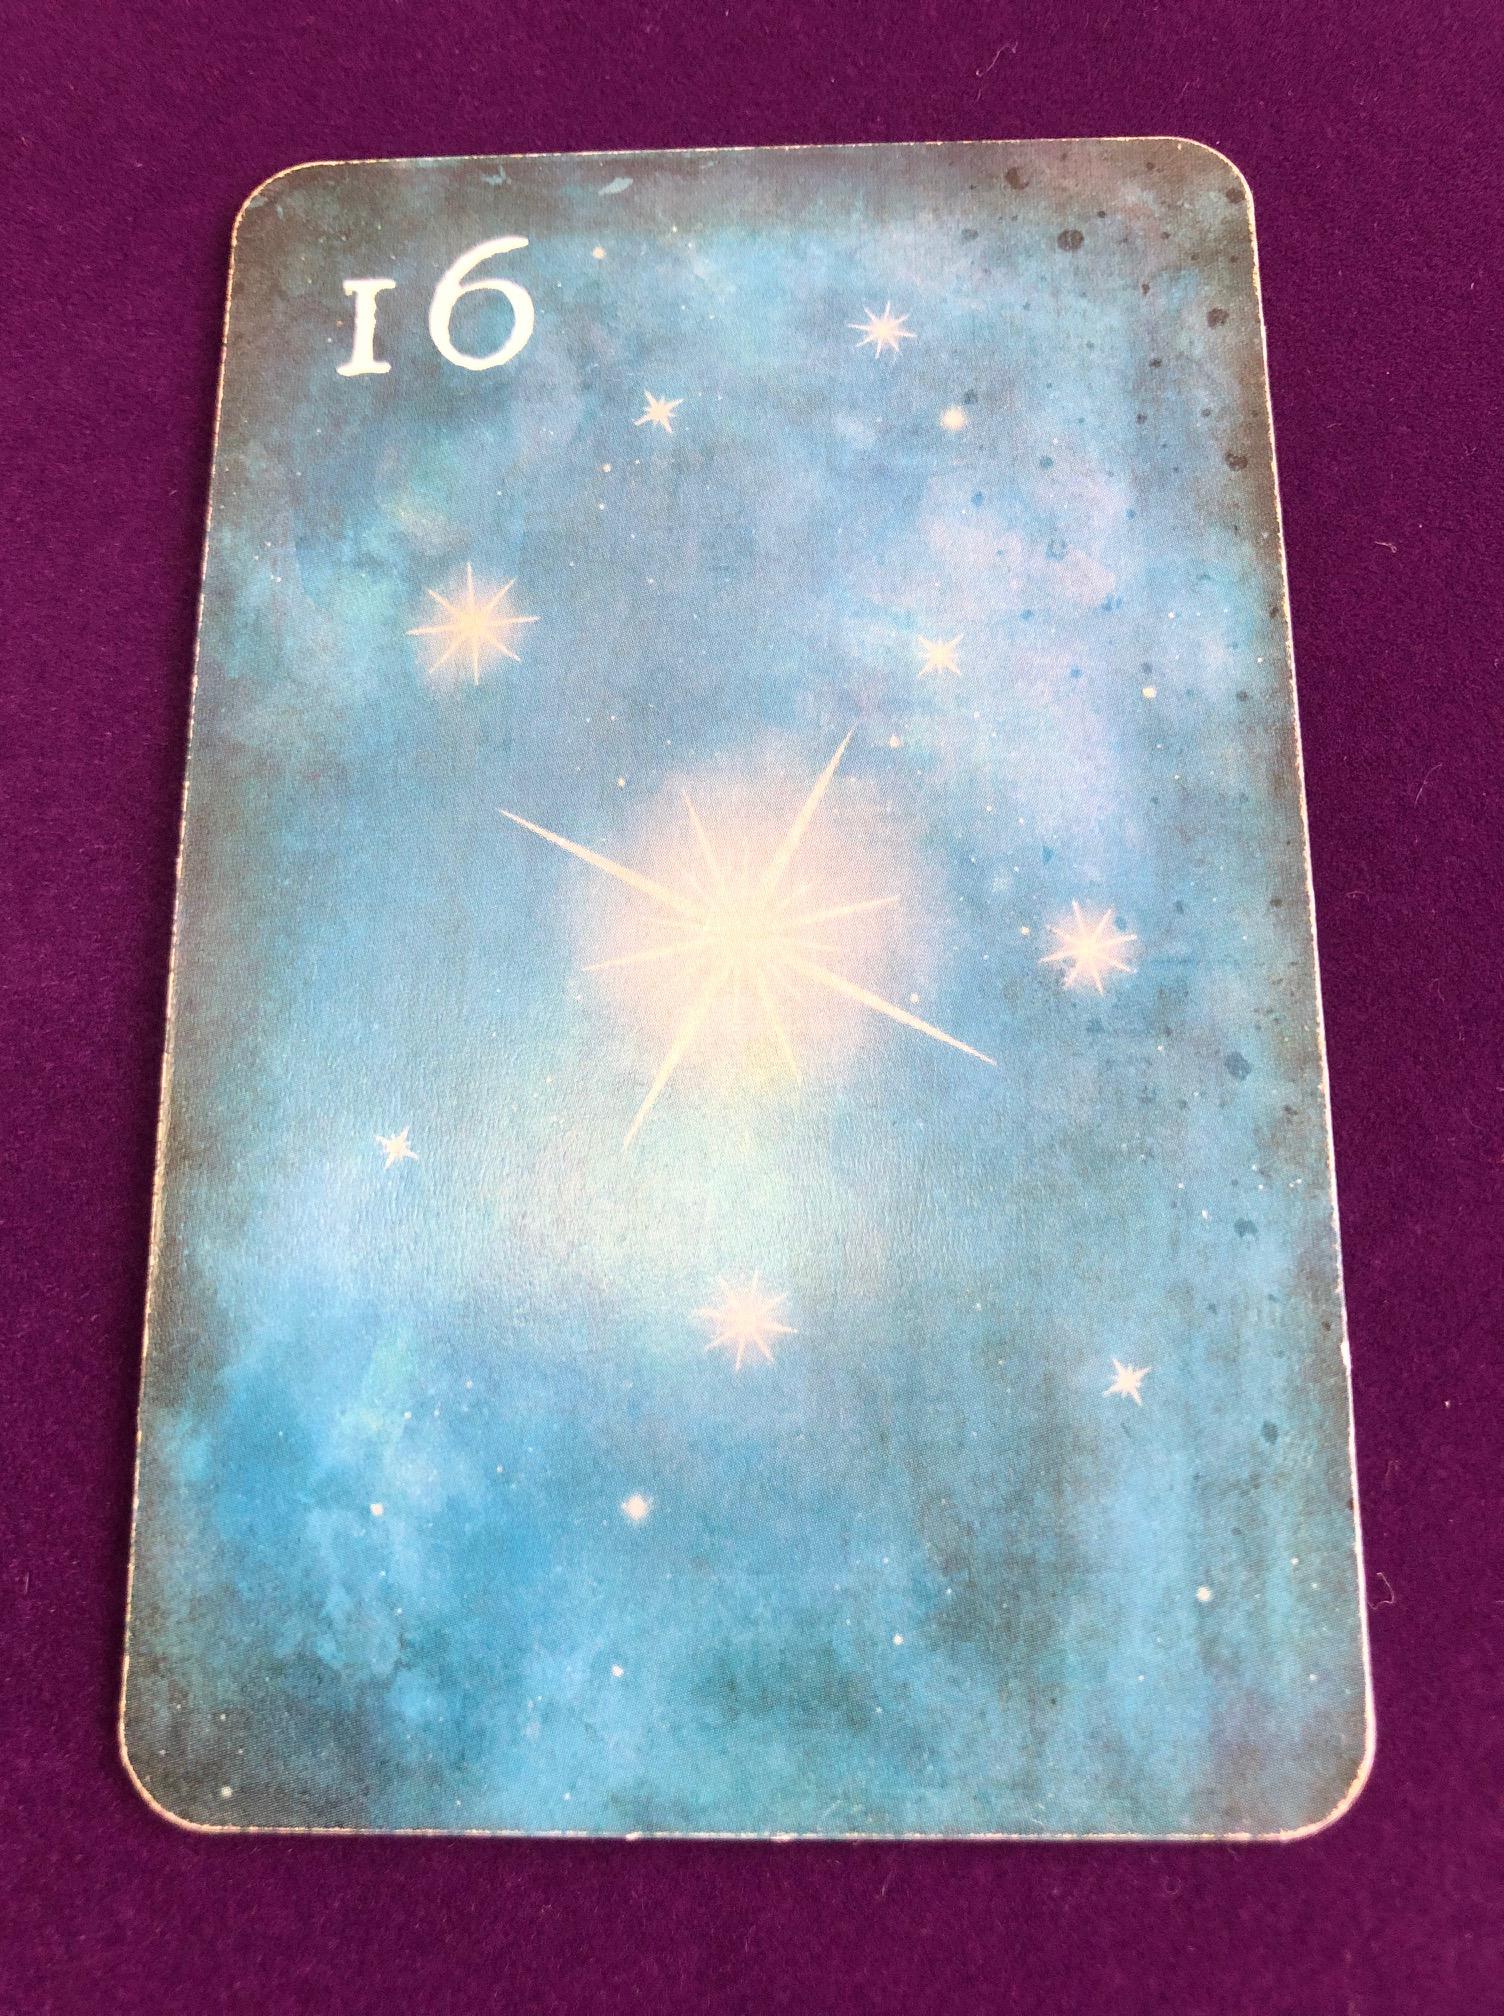 ルノルマンカード星のカード